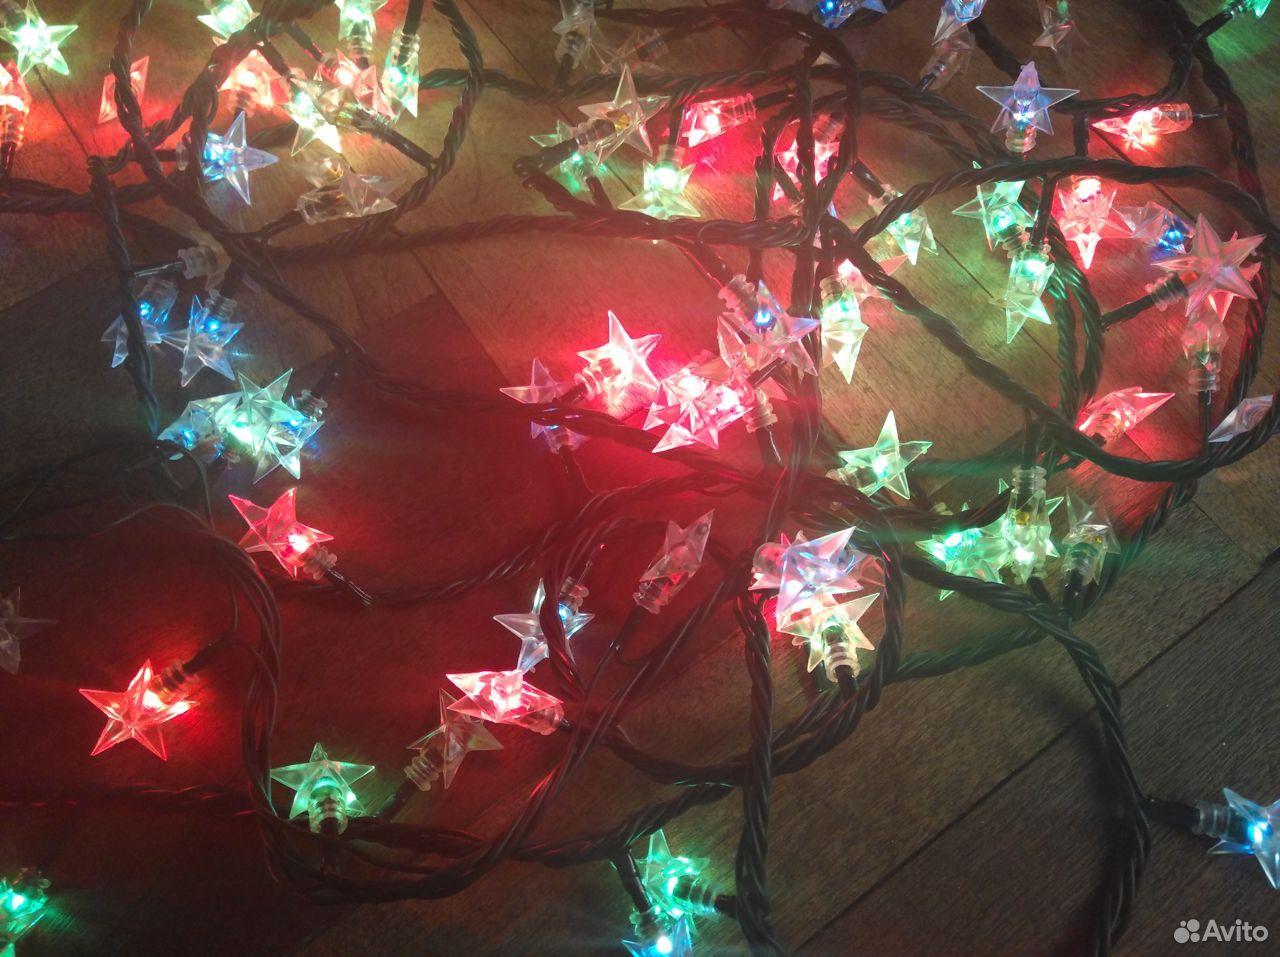 Электрическая гирлянда «Звездочки» (разноцветная)  89959110833 купить 8